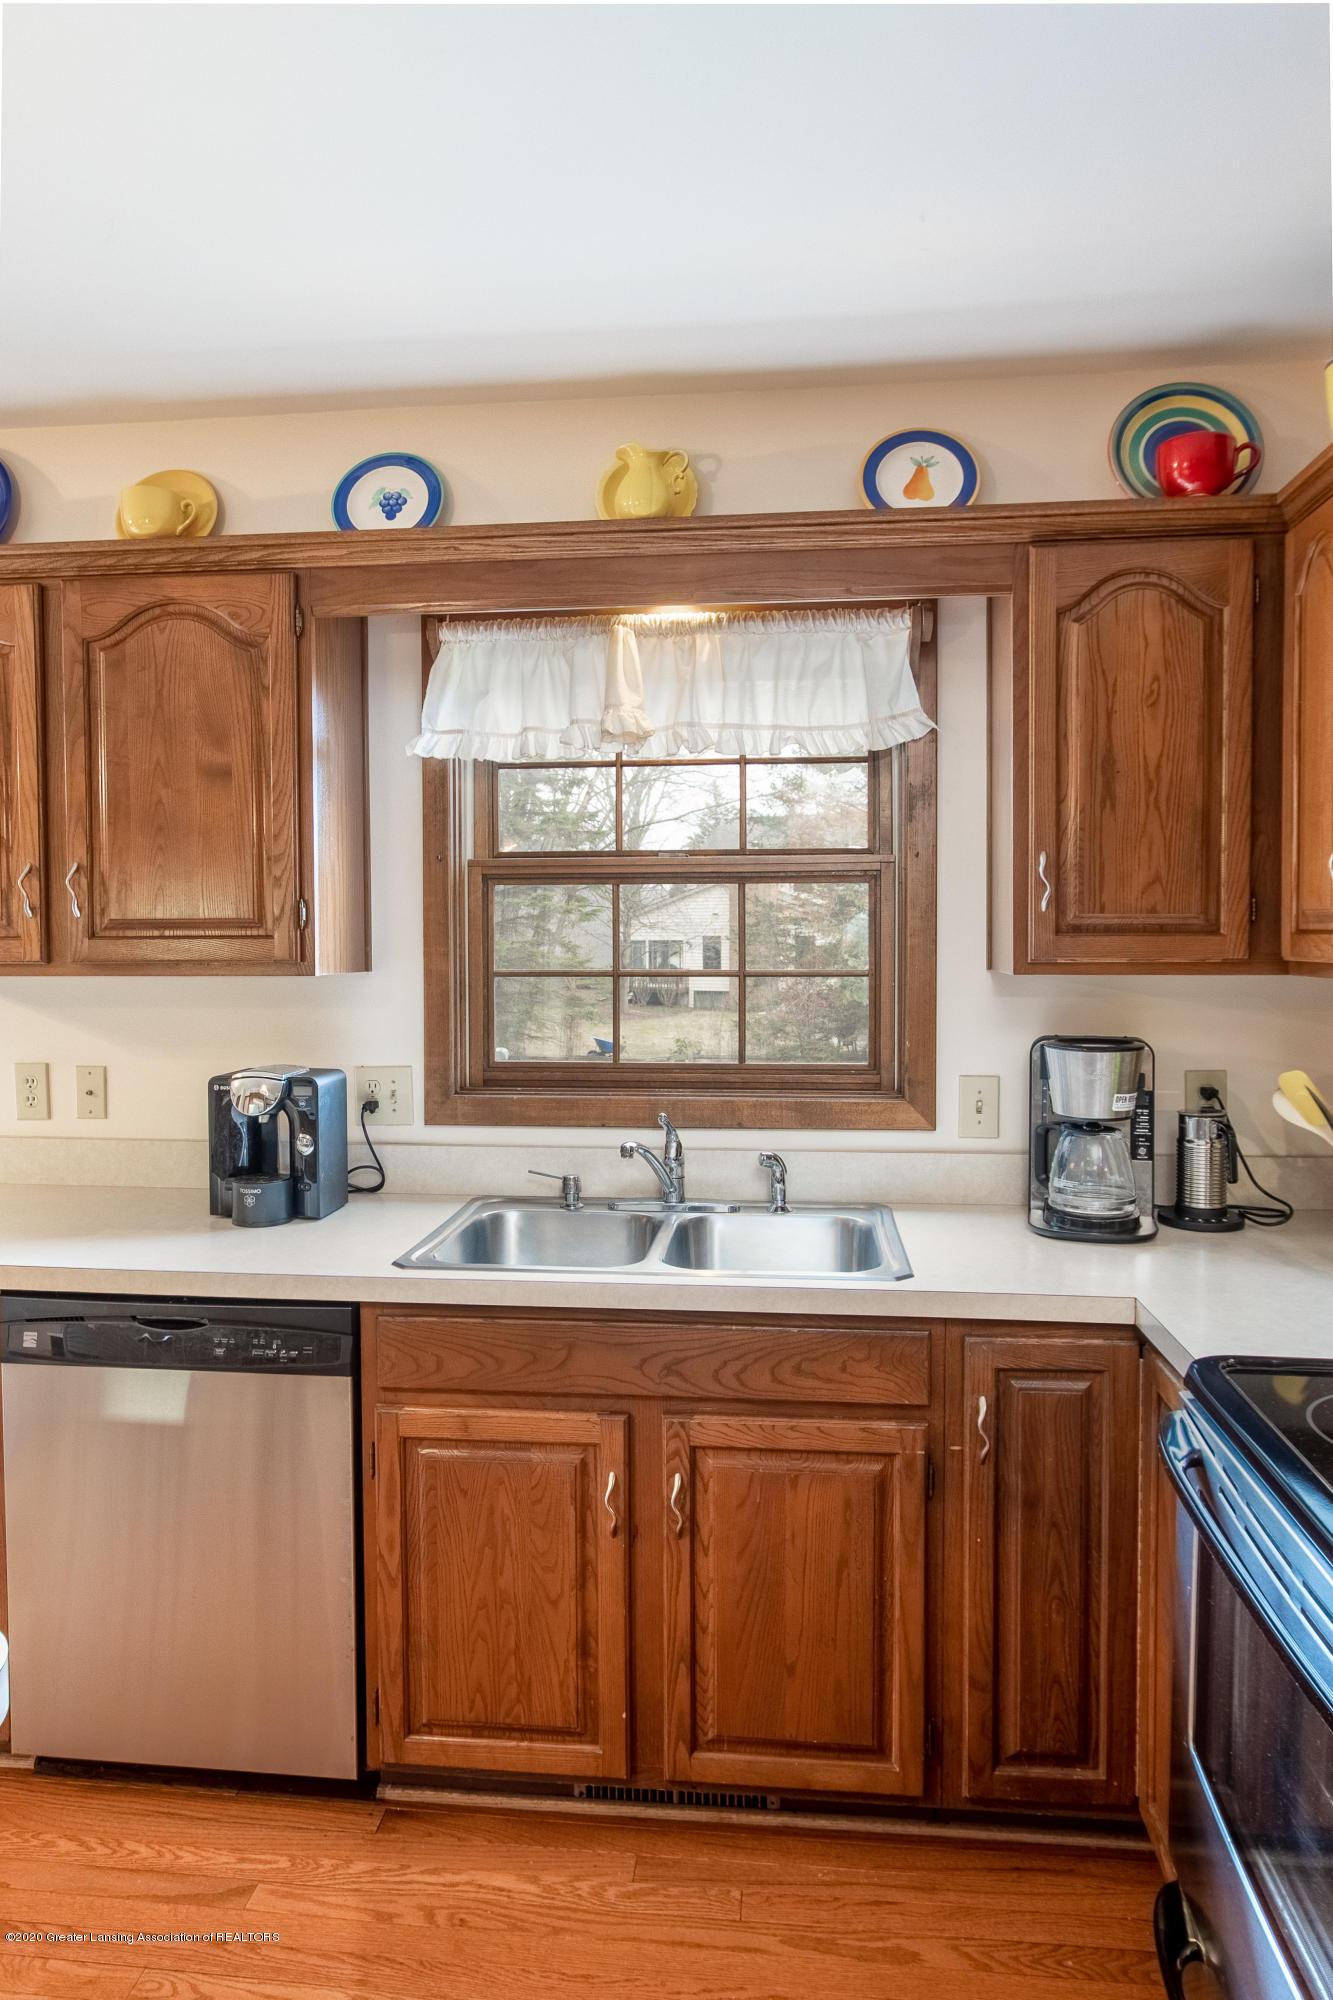 3945 Breckinridge Dr - Kitchen - 16